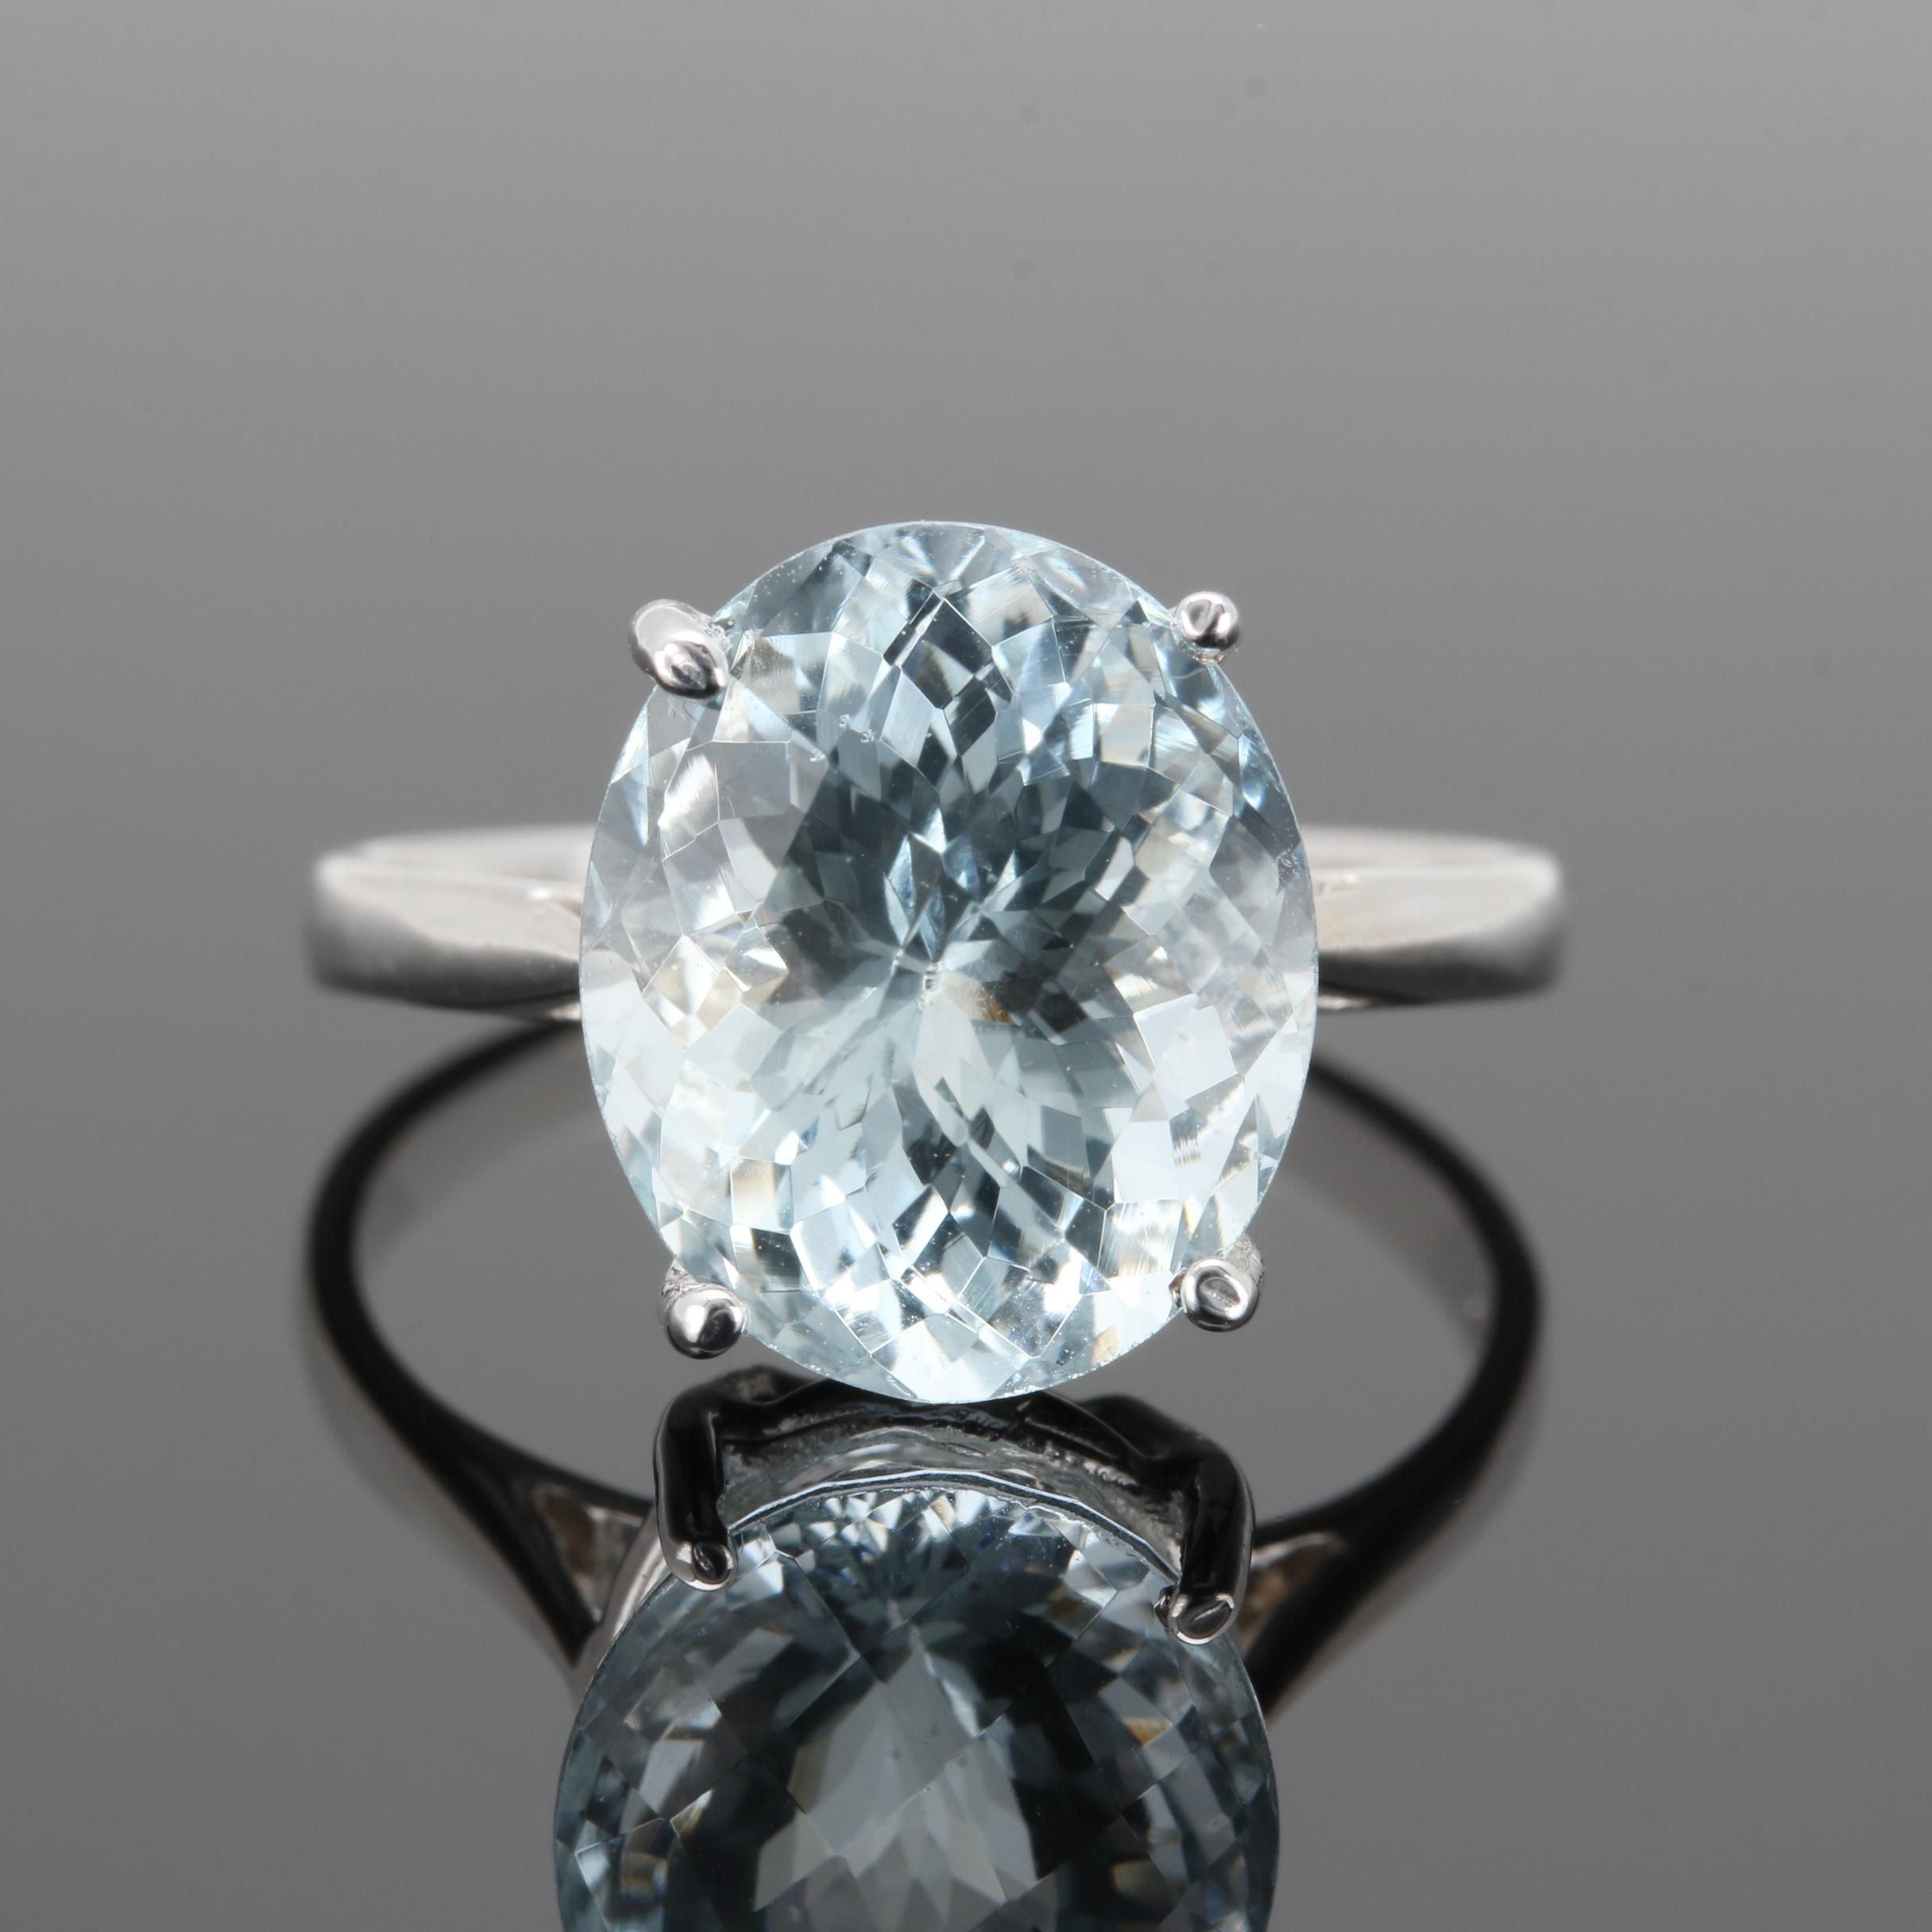 14K White Gold 5.34 CT Aquamarine Ring